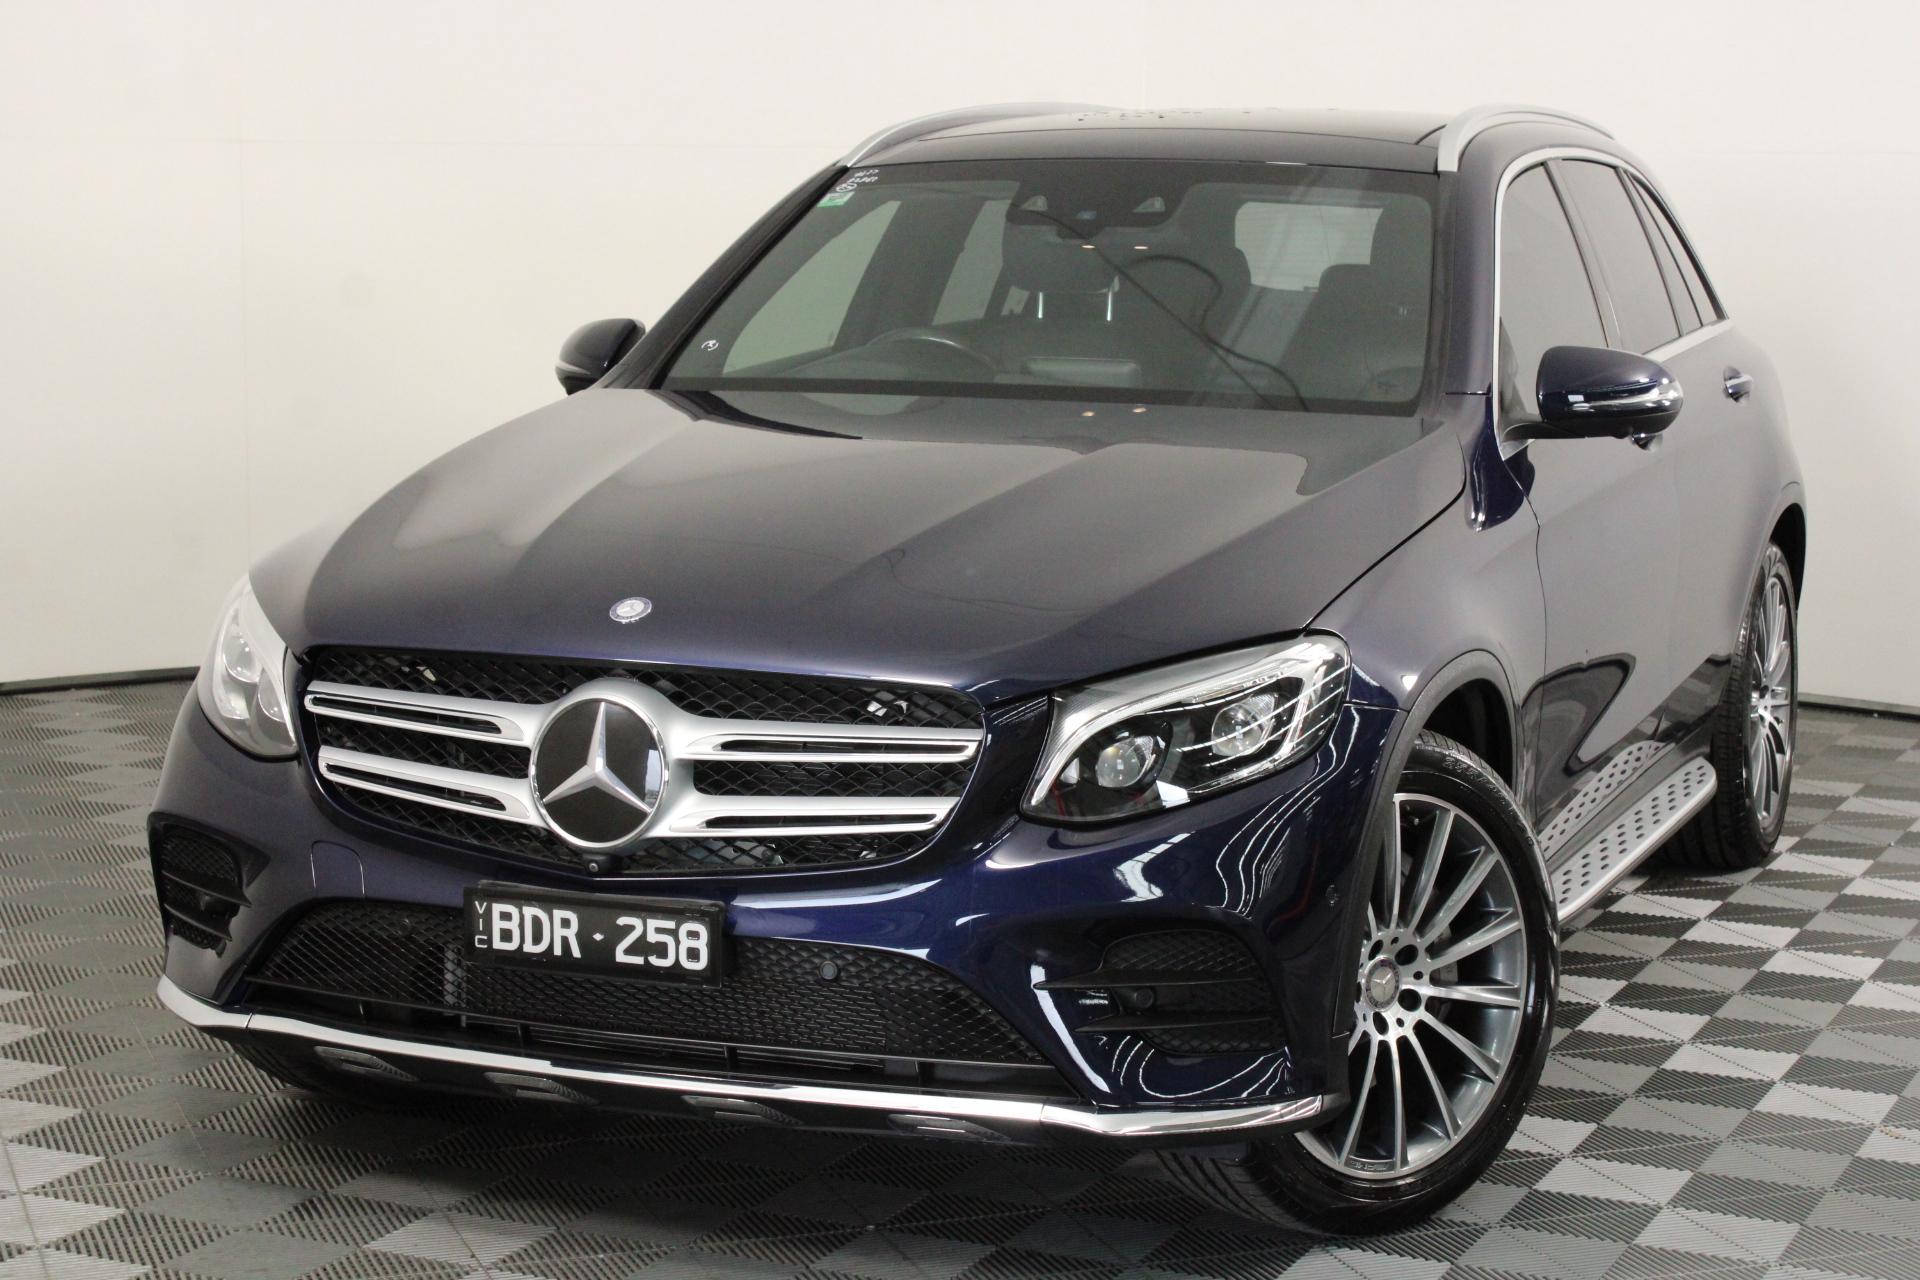 2016 Mercedes Benz GLC250 X253 9 auto 5 seat Wagon, 26,384km (WOVR)